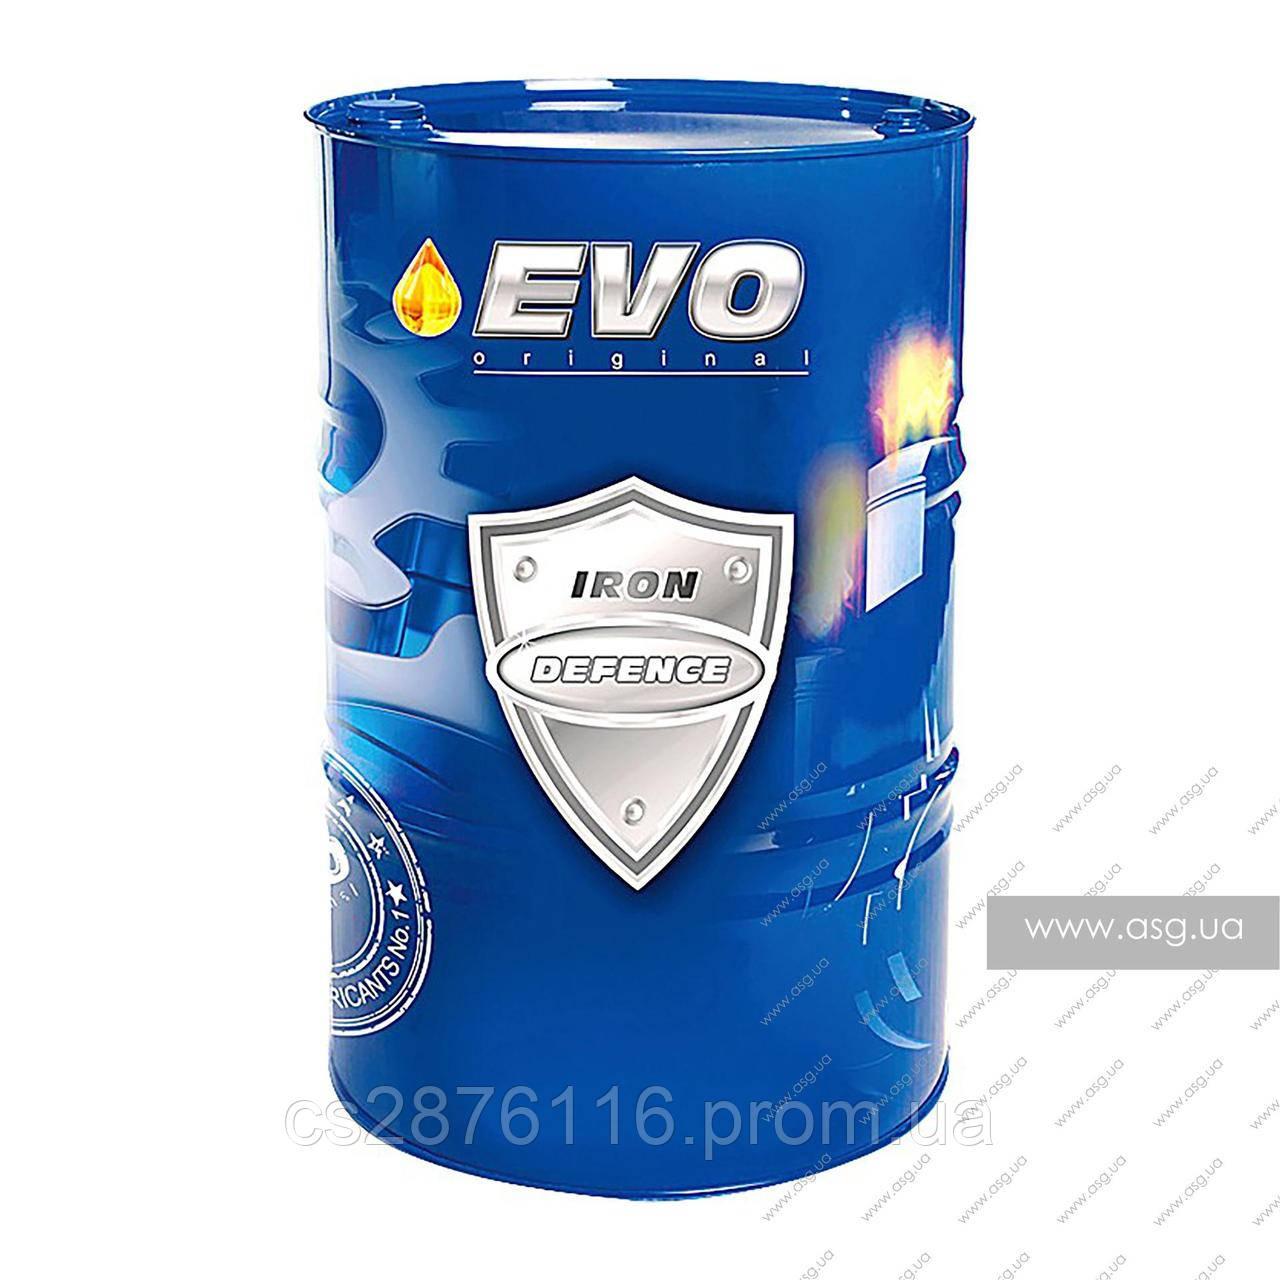 Мастильні матеріали по вигідним цінам фірми EVO